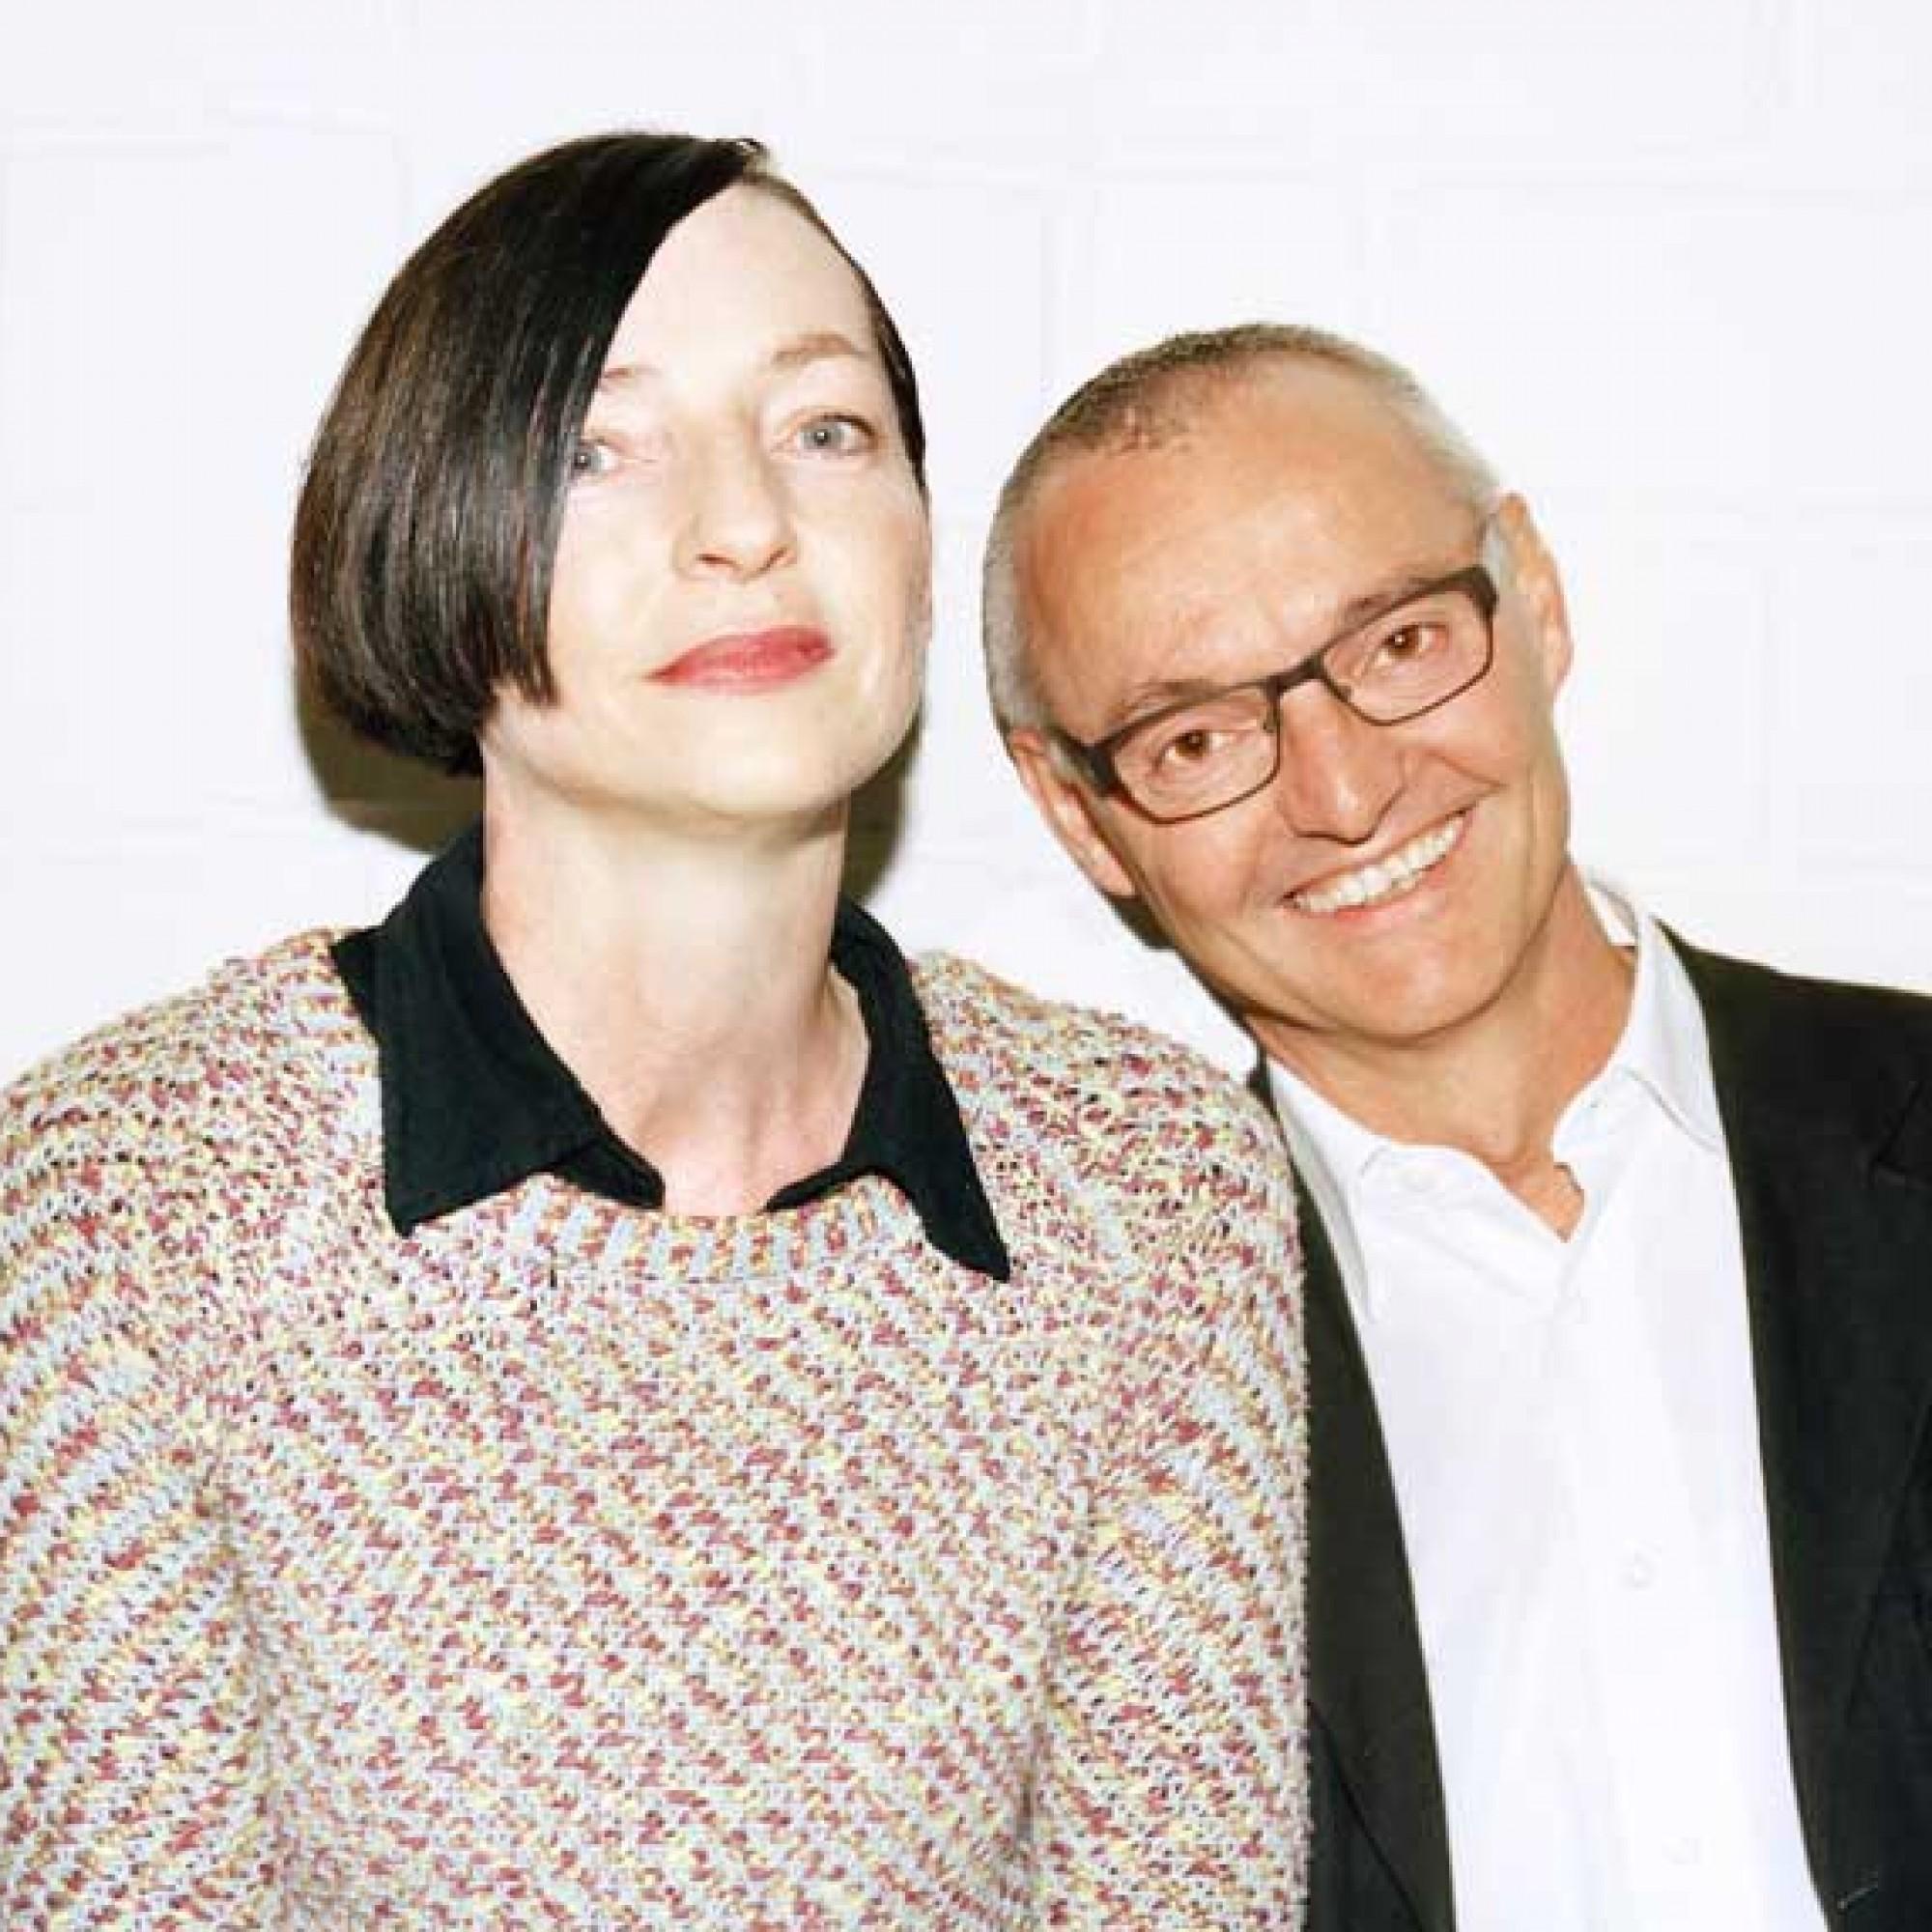 Astrid Staufer und Thomas Hasler. (Mathilde Agius / BAK)